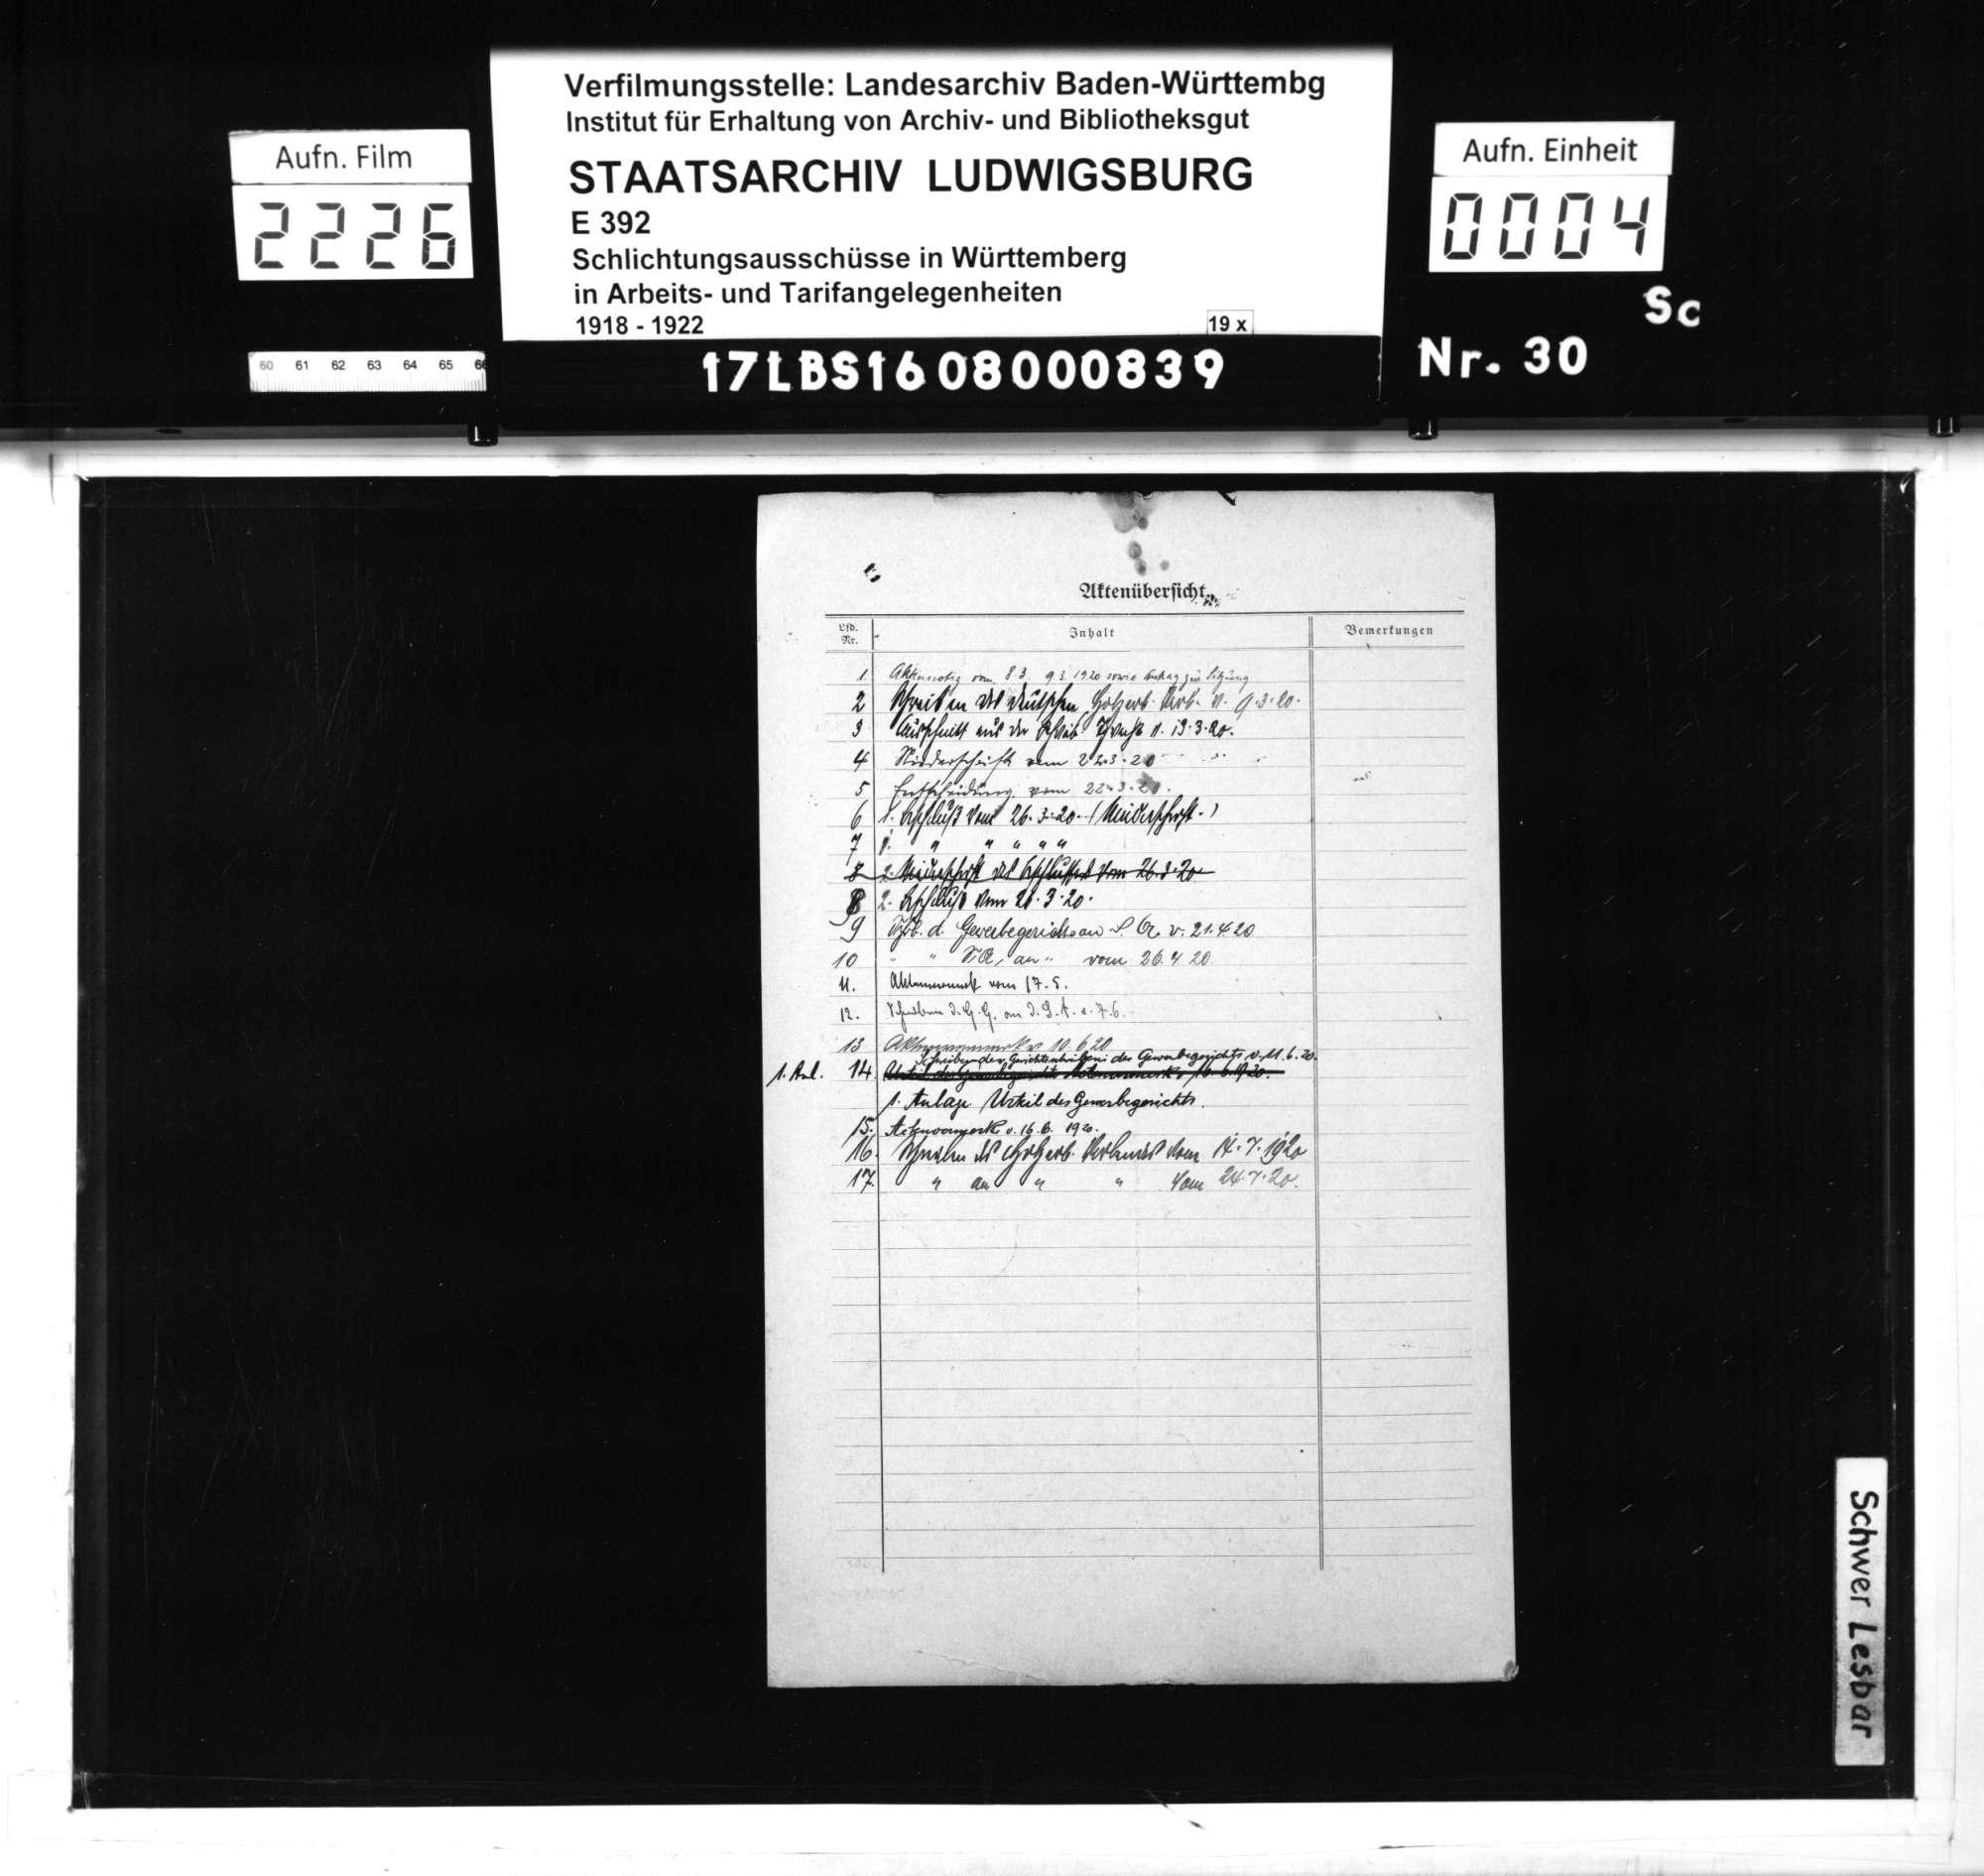 Arbeitsstreitigkeiten der Schreinergesellen Wilhelm Blessing und Wilhelm Layer von Holzgerlingen mit den Firmen Gottlieb Fuchs, mechanische Bau- und Möbelschreinerei, sowie M. Kohler, Bau- und Möbelschreinerei, in Stuttgart wegen Entlassung und Lohnausfall, Bild 2